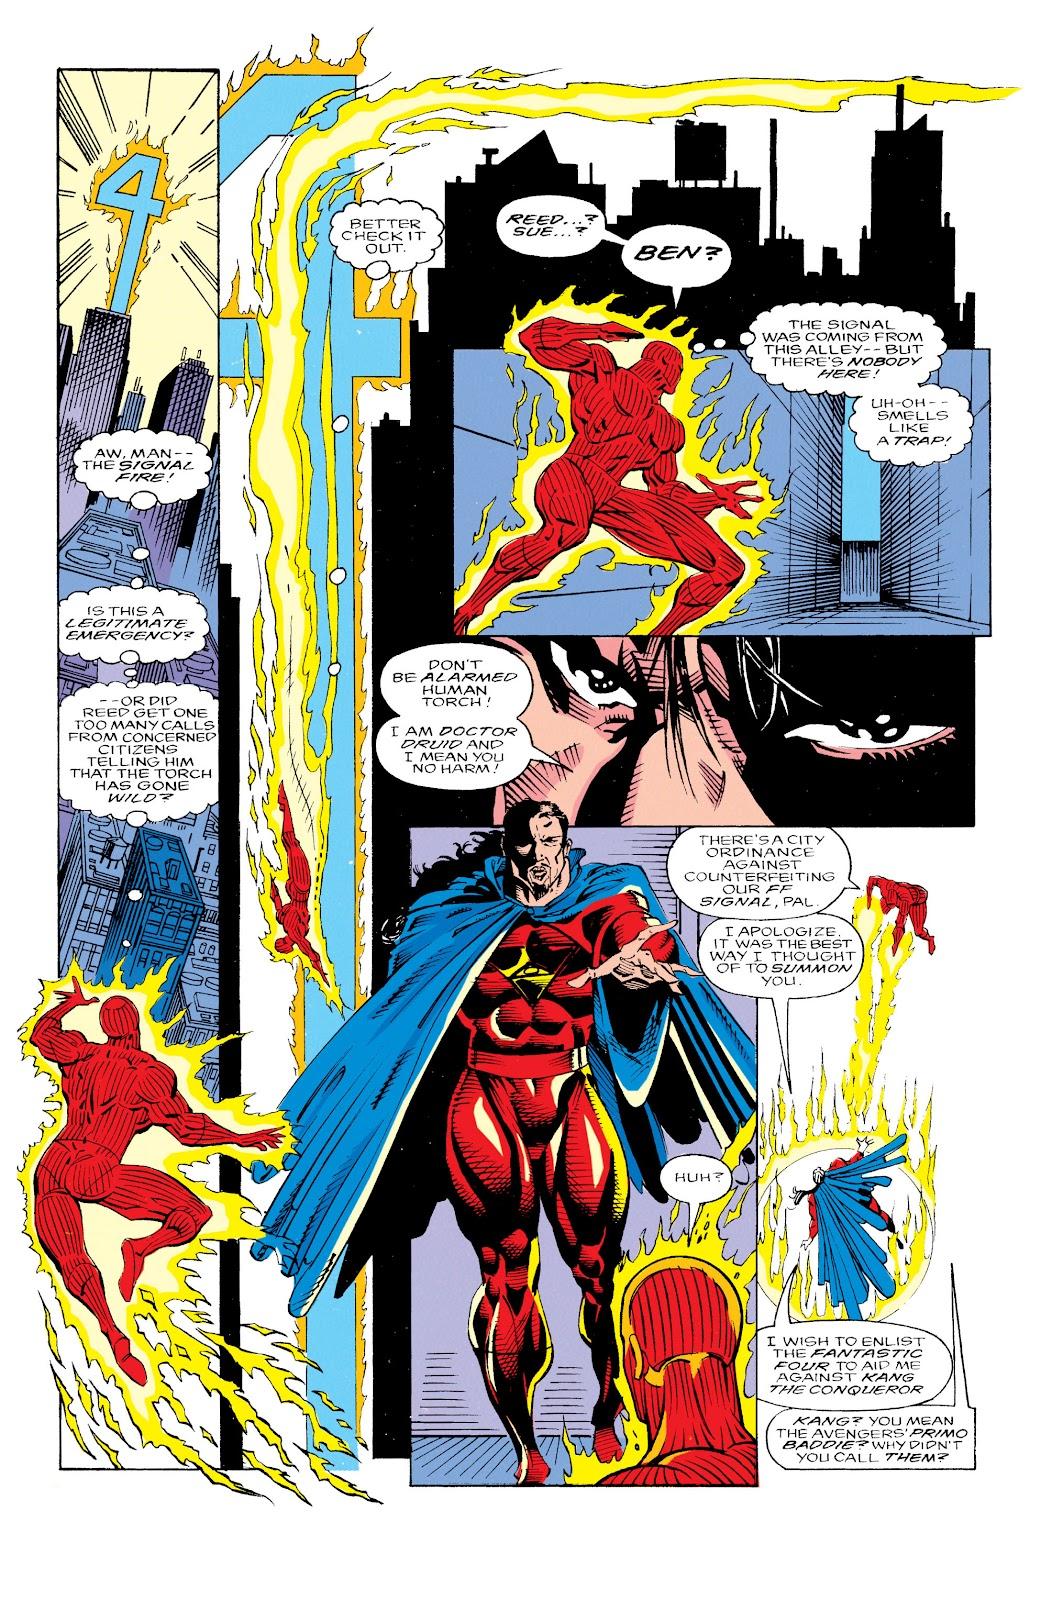 Read online Avengers: Citizen Kang comic -  Issue # TPB (Part 2) - 17